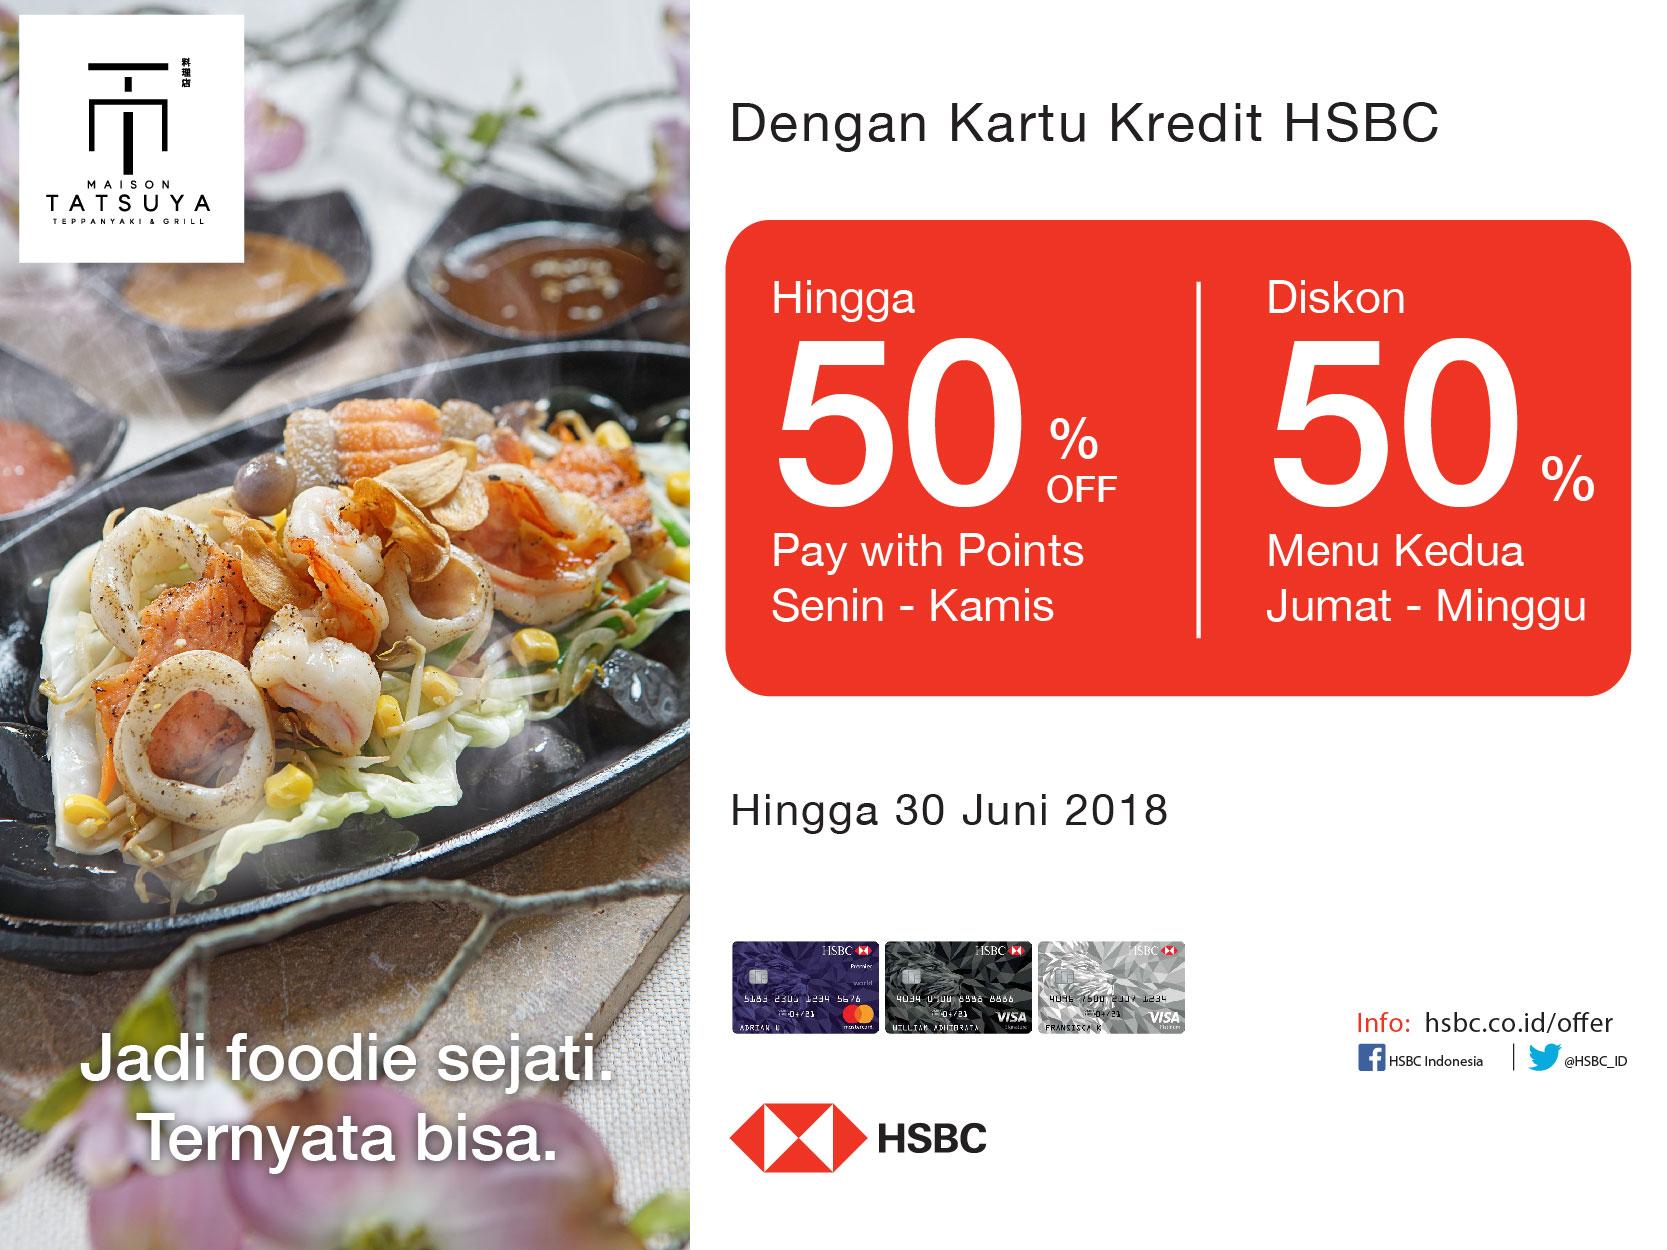 Diskon Hingga 50 Setiap Hari Di Maison Tatsuya Dengan Kartu Kredit Hsbc Maison Tatsuya